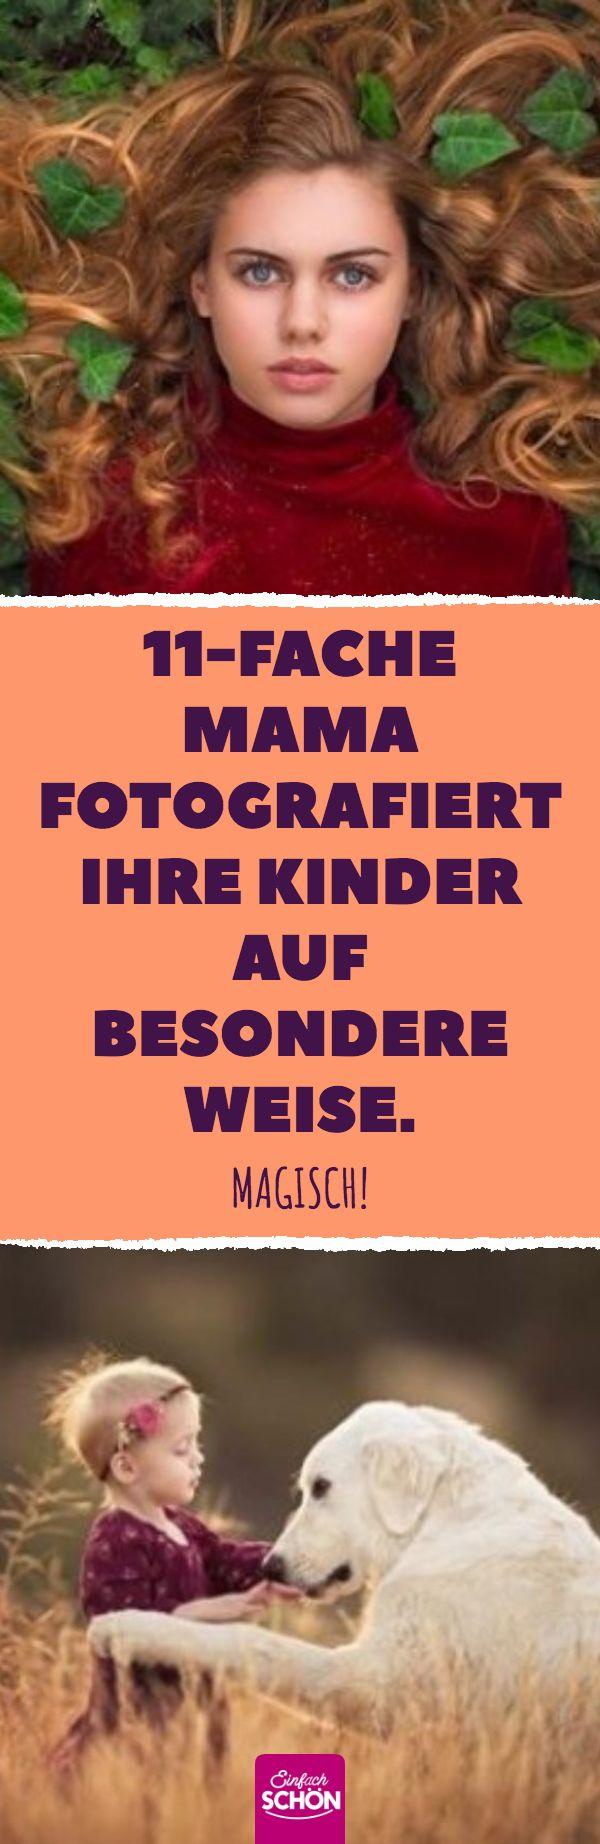 11-fache Mama fotografiert ihre Kinder auf besonde…